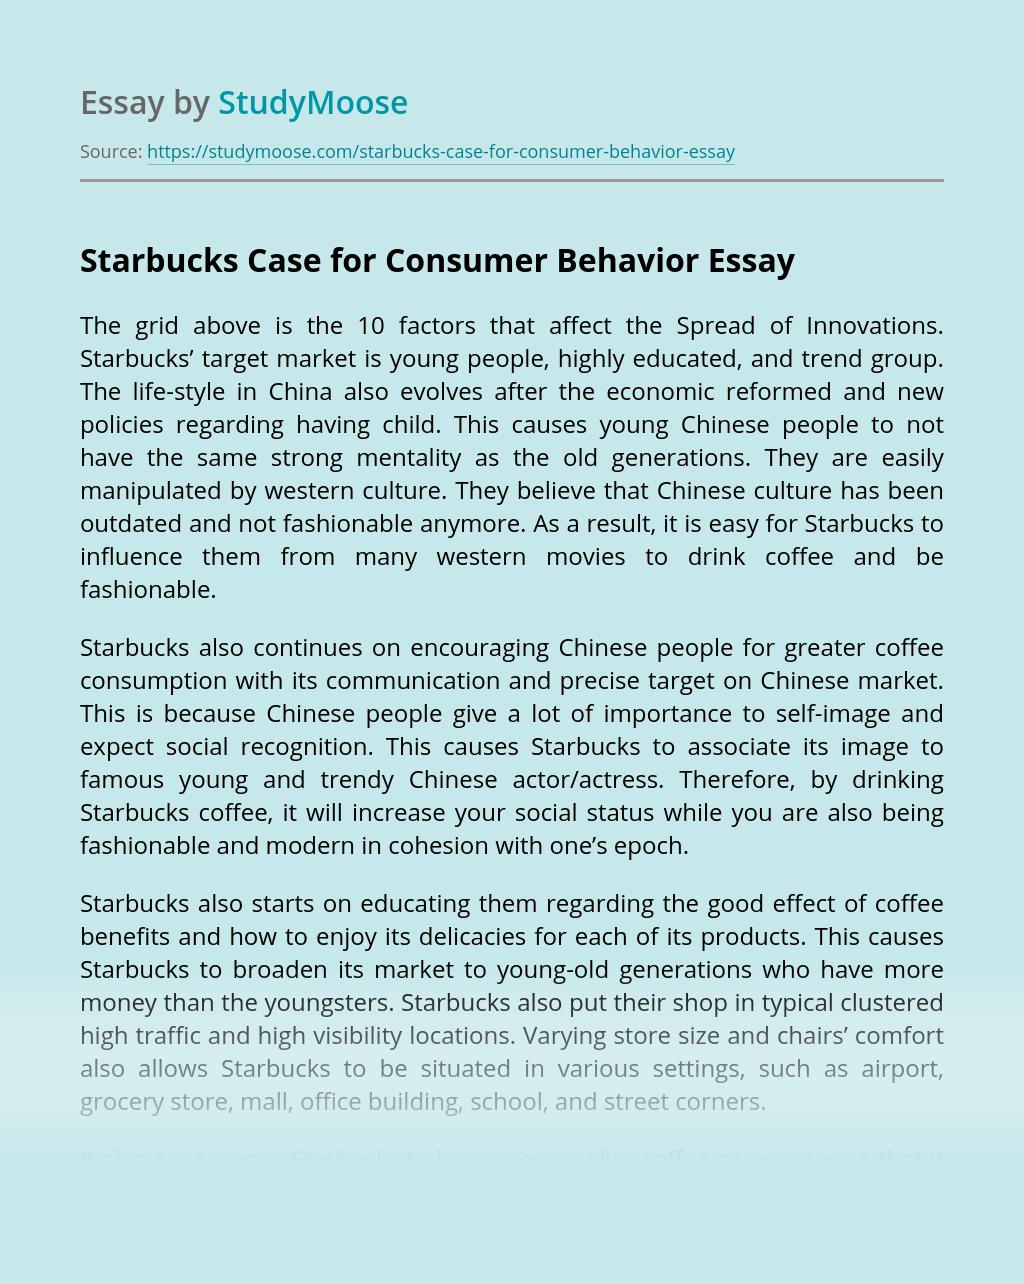 Starbucks Case for Consumer Behavior